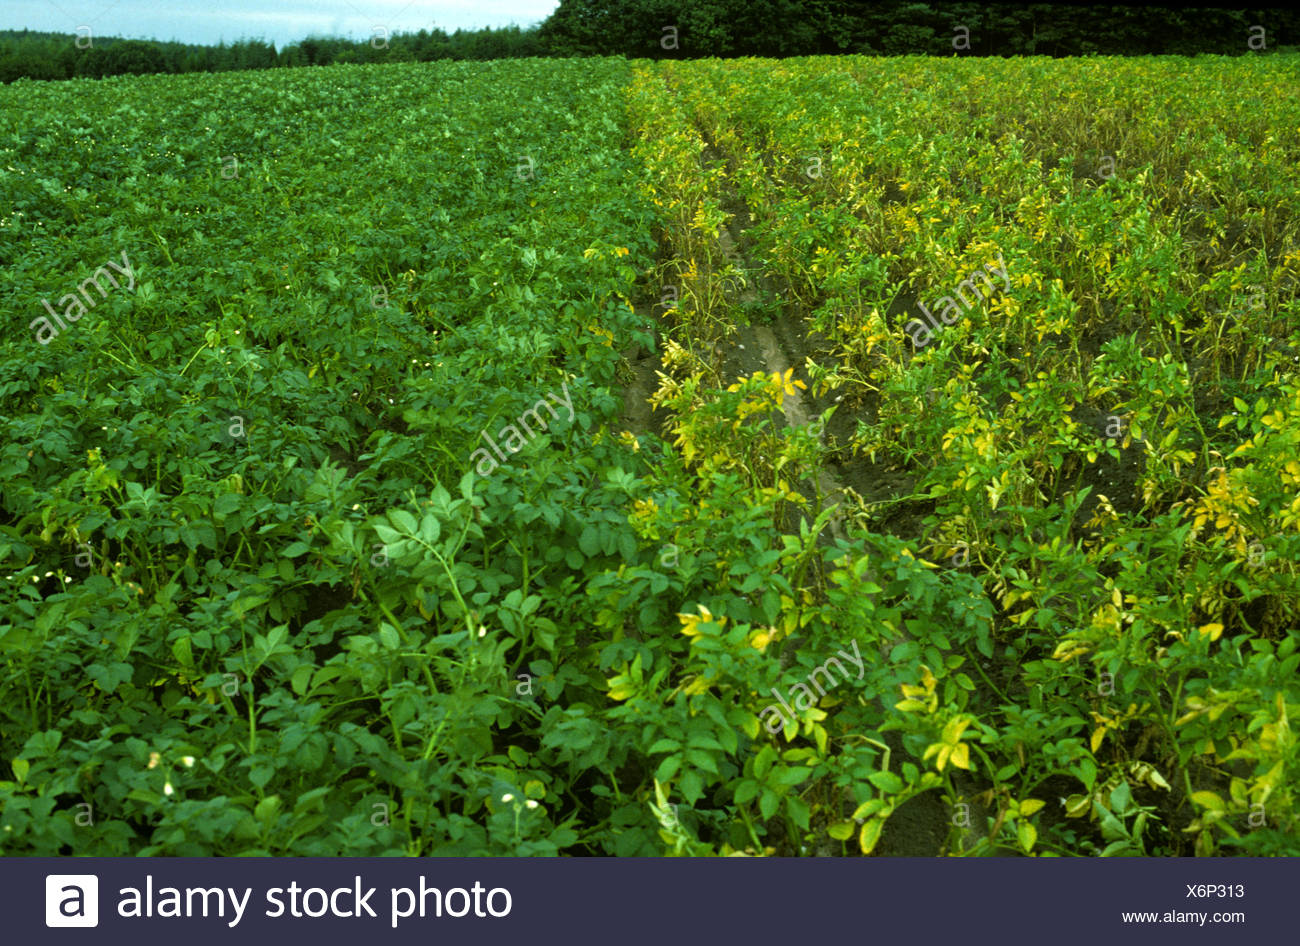 Goldene Kartoffel Zyste nematode Globodera rostochiensis Schäden an Kartoffelernte cv-resistente Sorte Stockbild